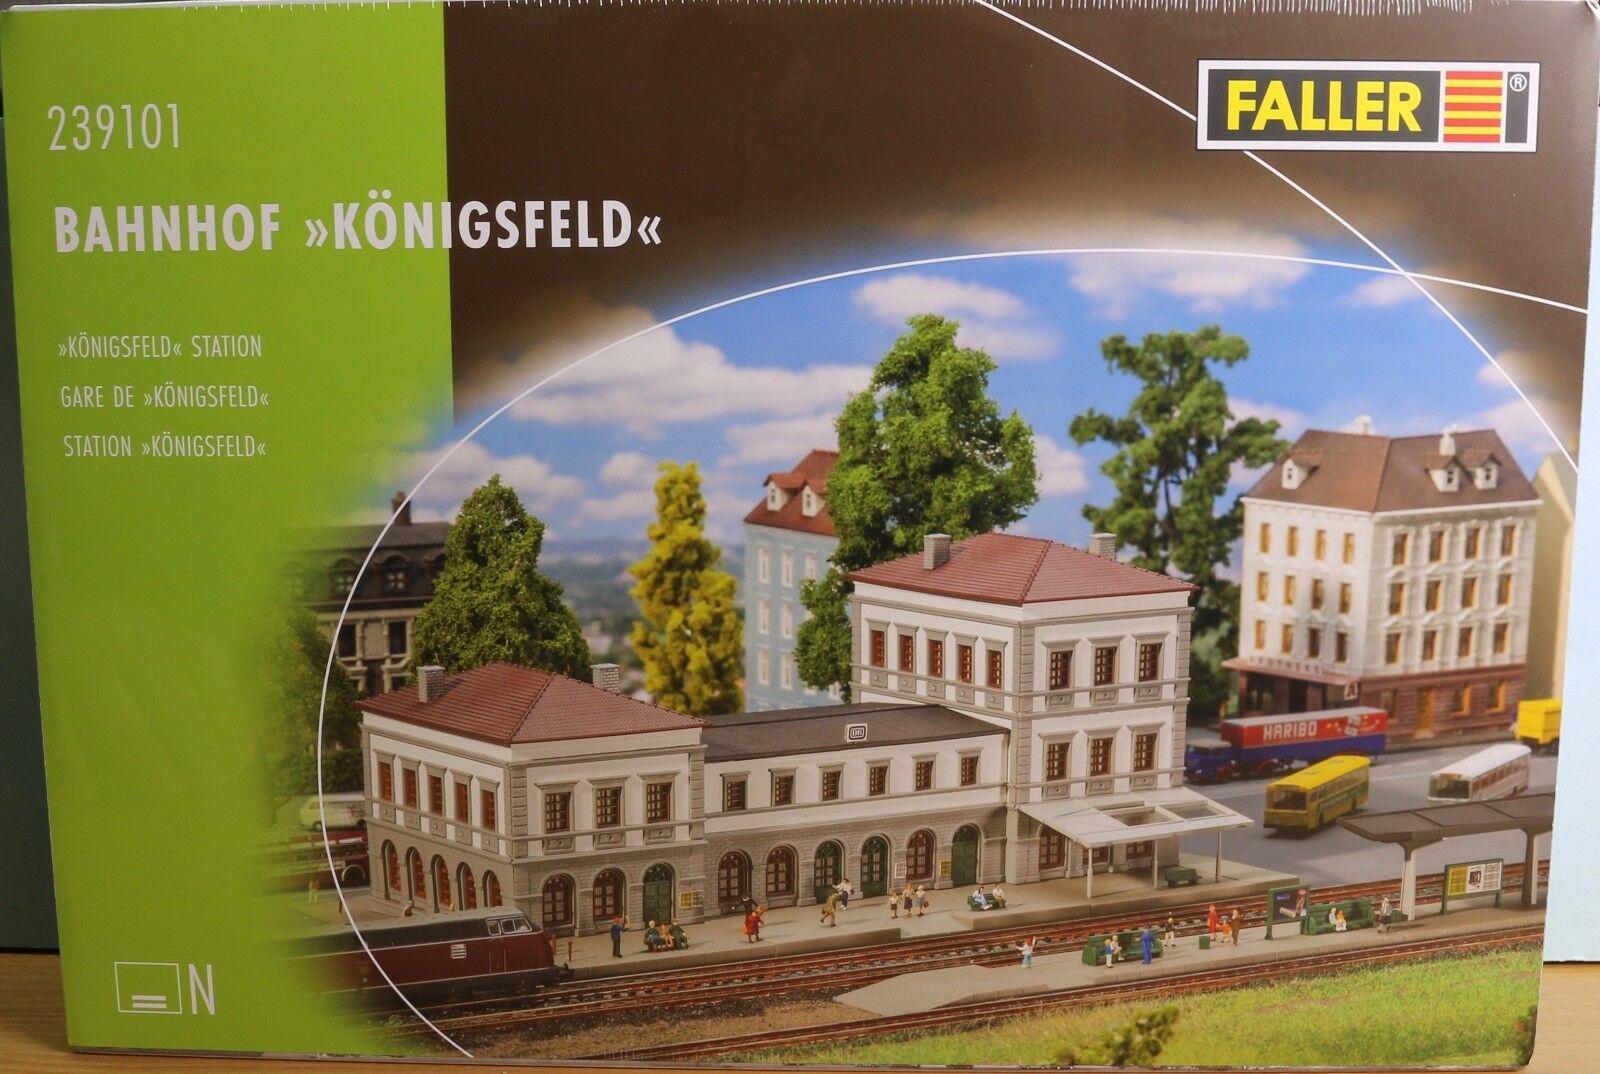 Ftuttier 239202, Traccia N, Kit Kit Kit stazione ferroviaria re campo + marciapiedi 87a679